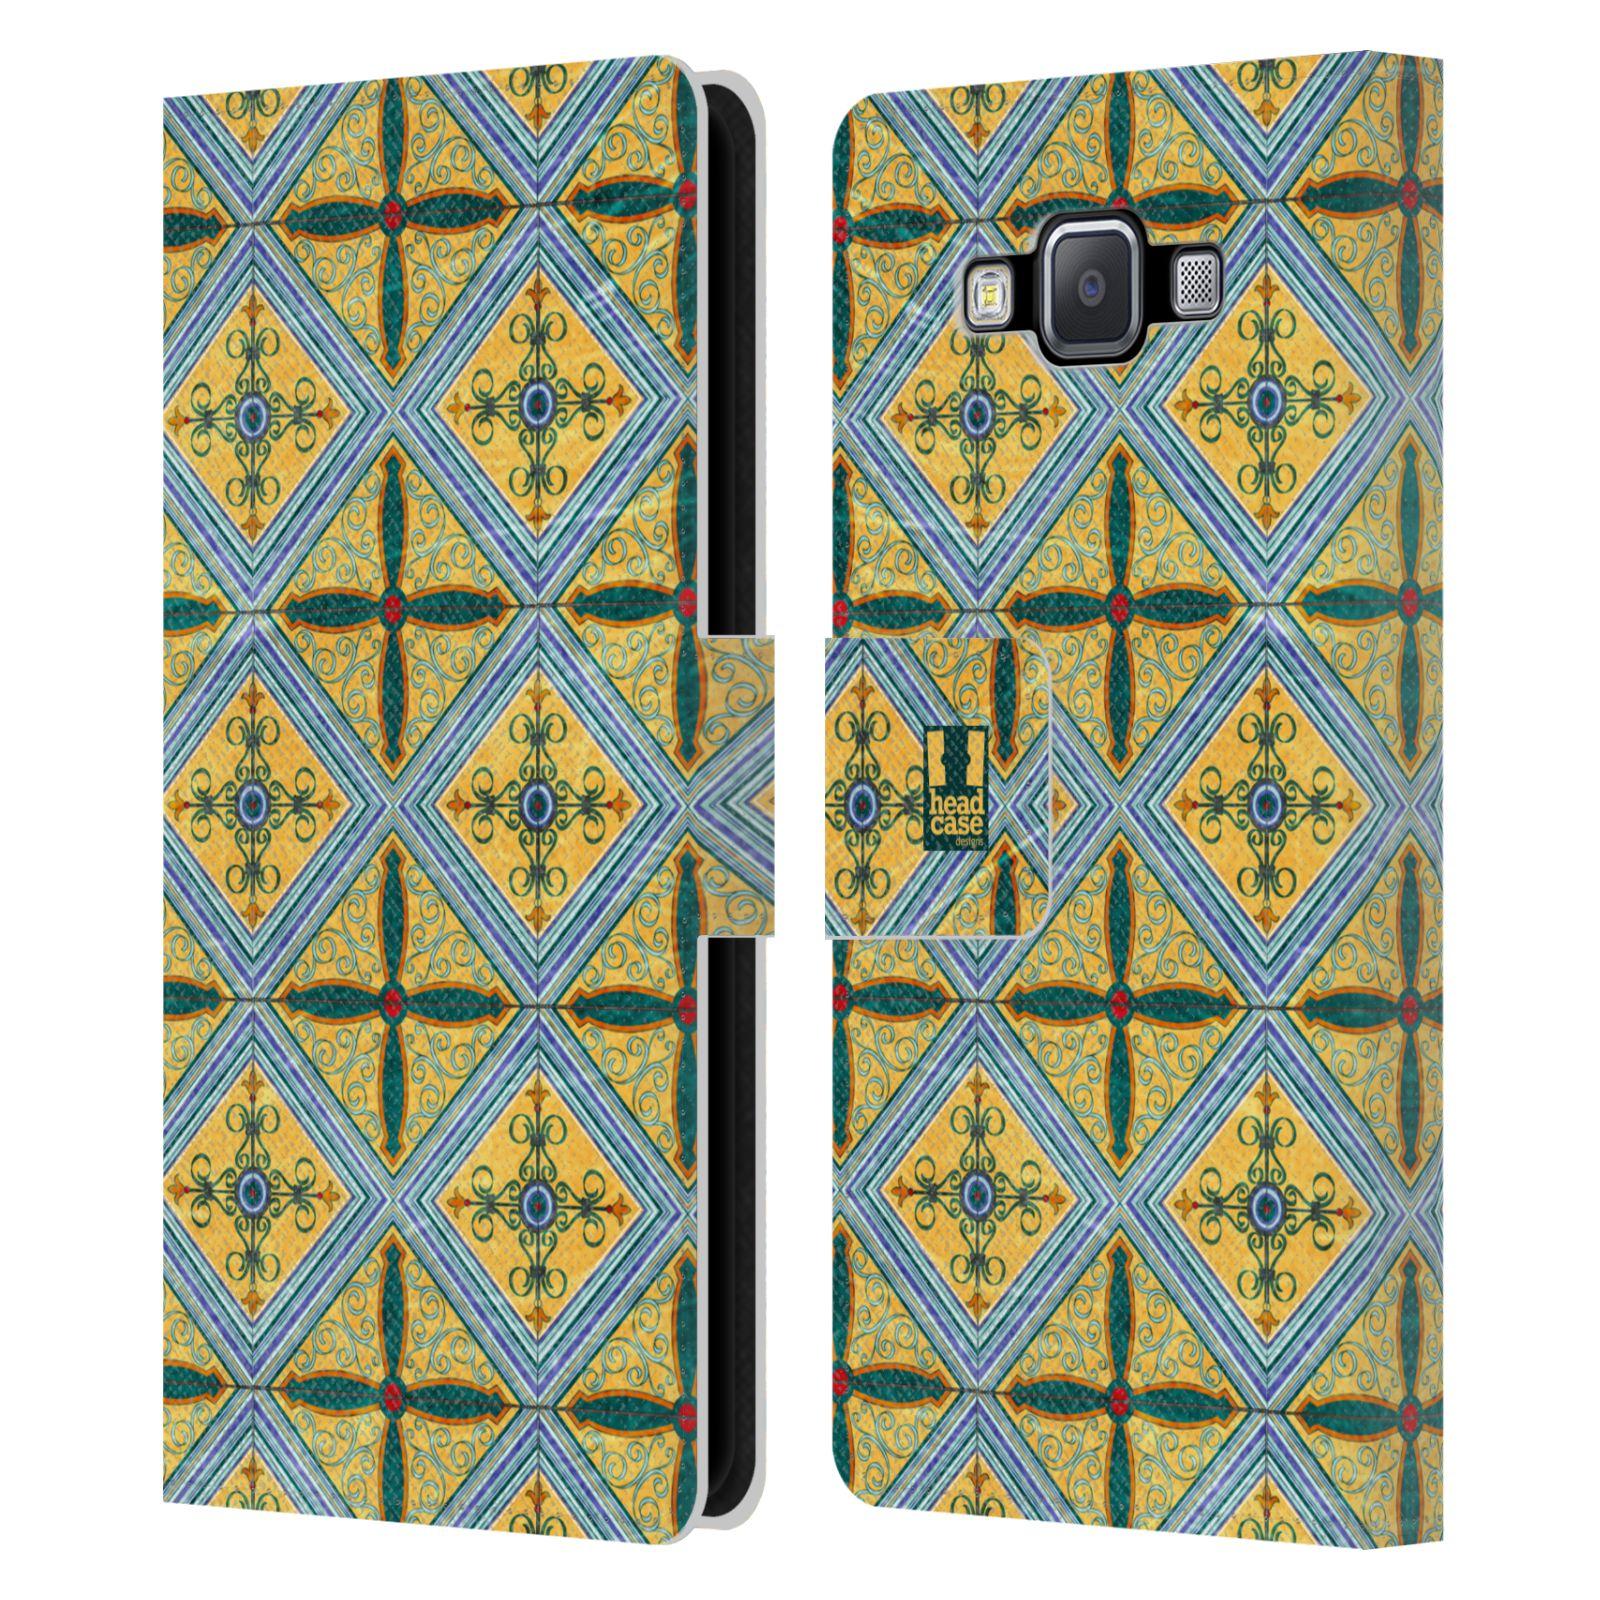 HEAD CASE Flipové pouzdro pro mobil Samsung Galaxy A5 ARABESKA CERAMIC žlutá